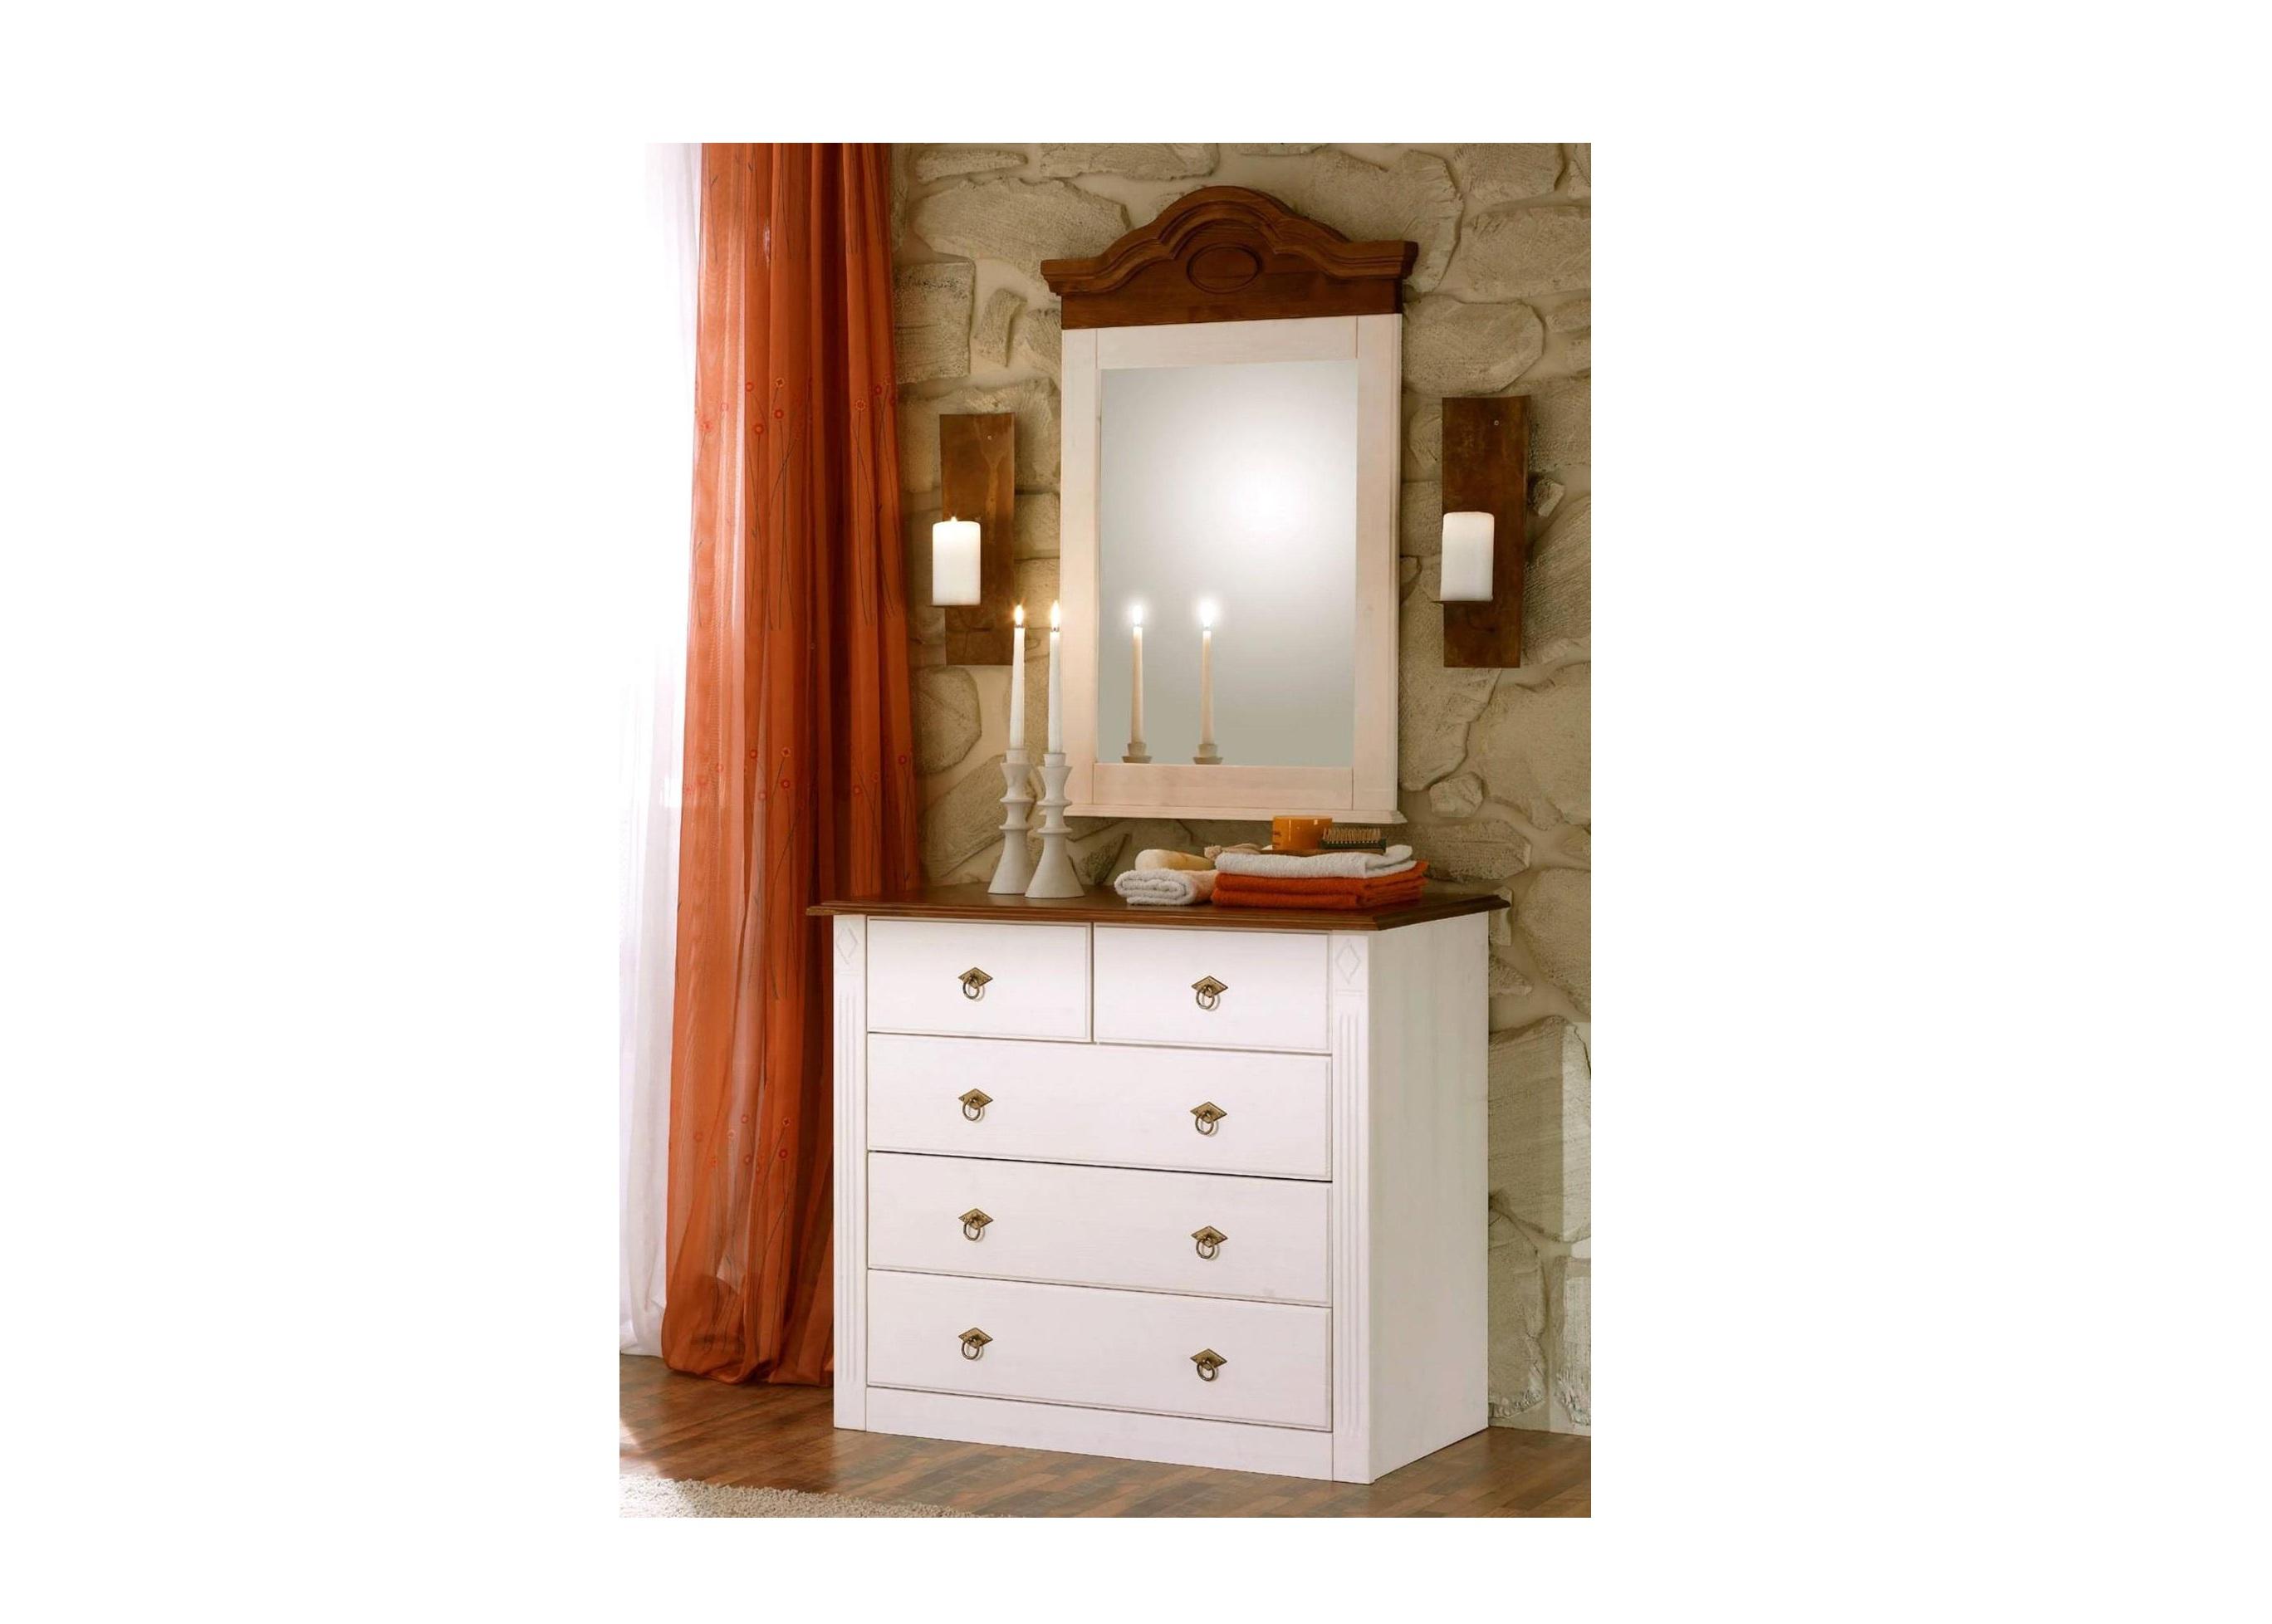 bett 180x200cm verra landhausstil pinie wei massiv 50 90 6d 51. Black Bedroom Furniture Sets. Home Design Ideas